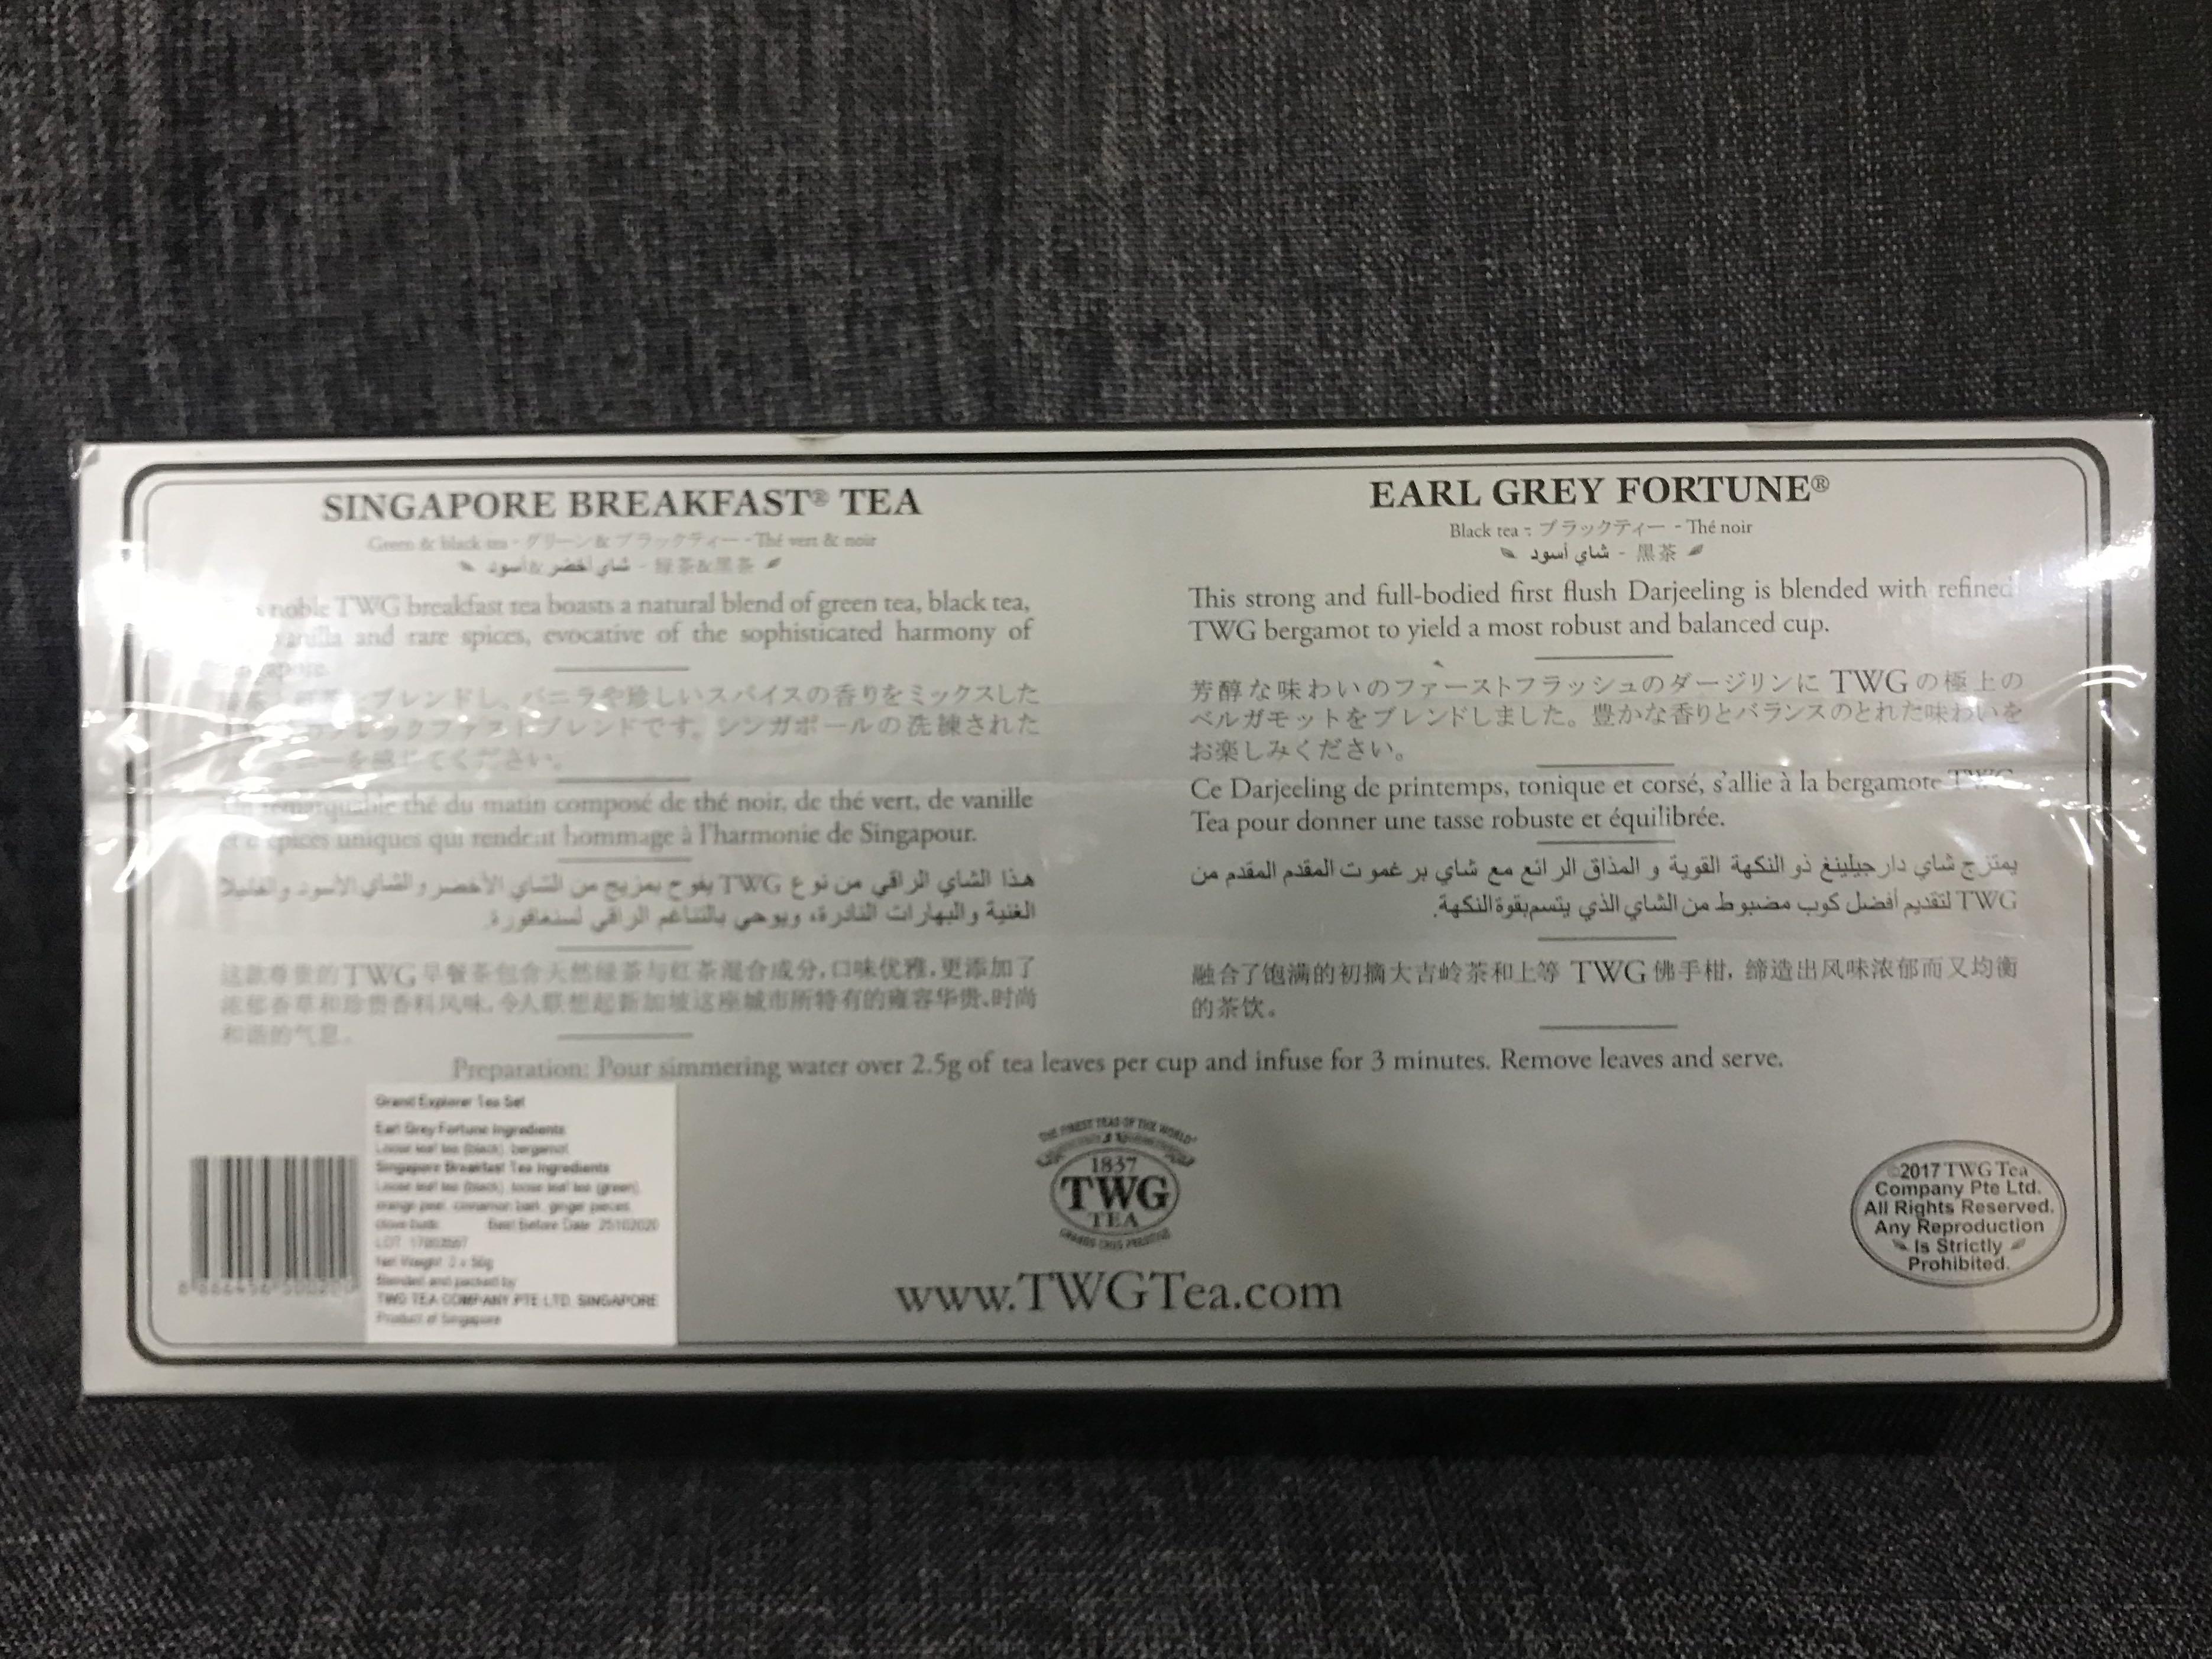 TWG Grand Explorer Tea set